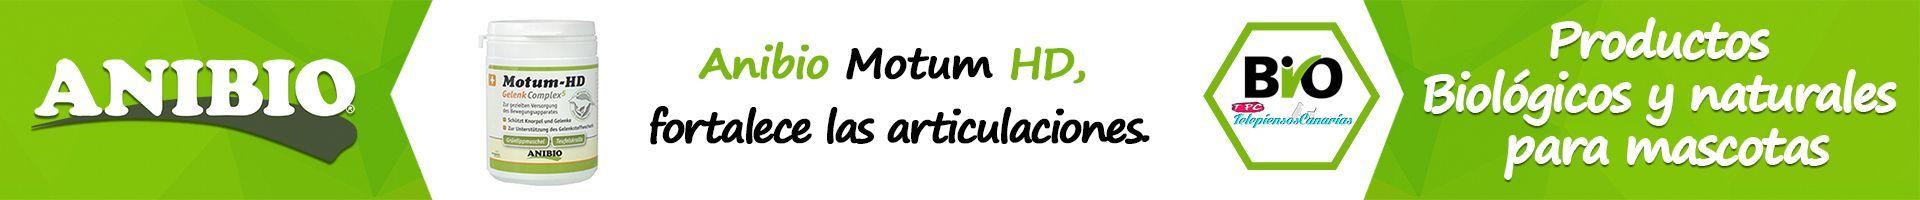 Anibio motum hd condoprotector para sistema músculo- esquelético del perro